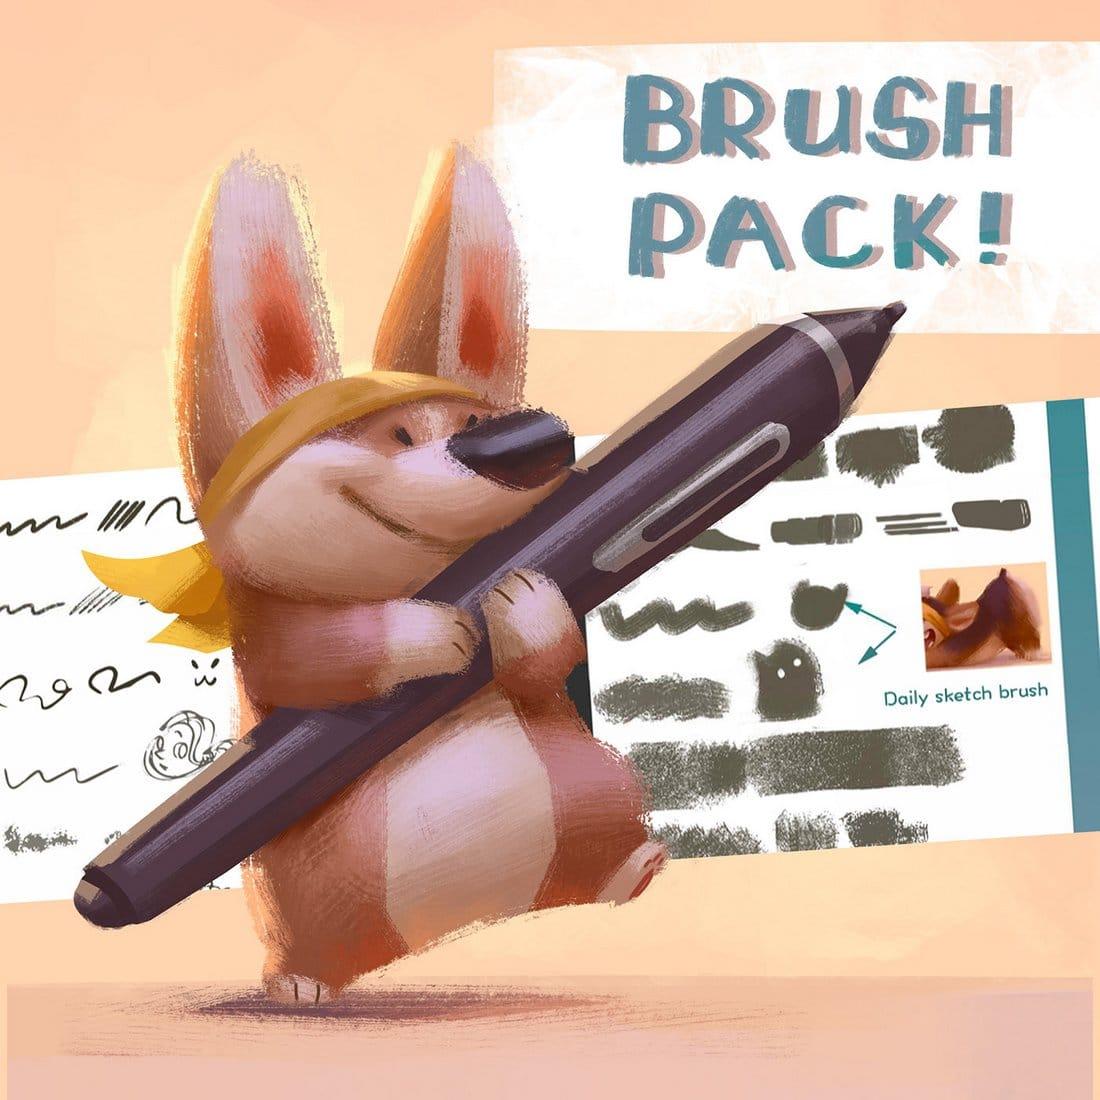 Free Photoshop Paint Brush Pack